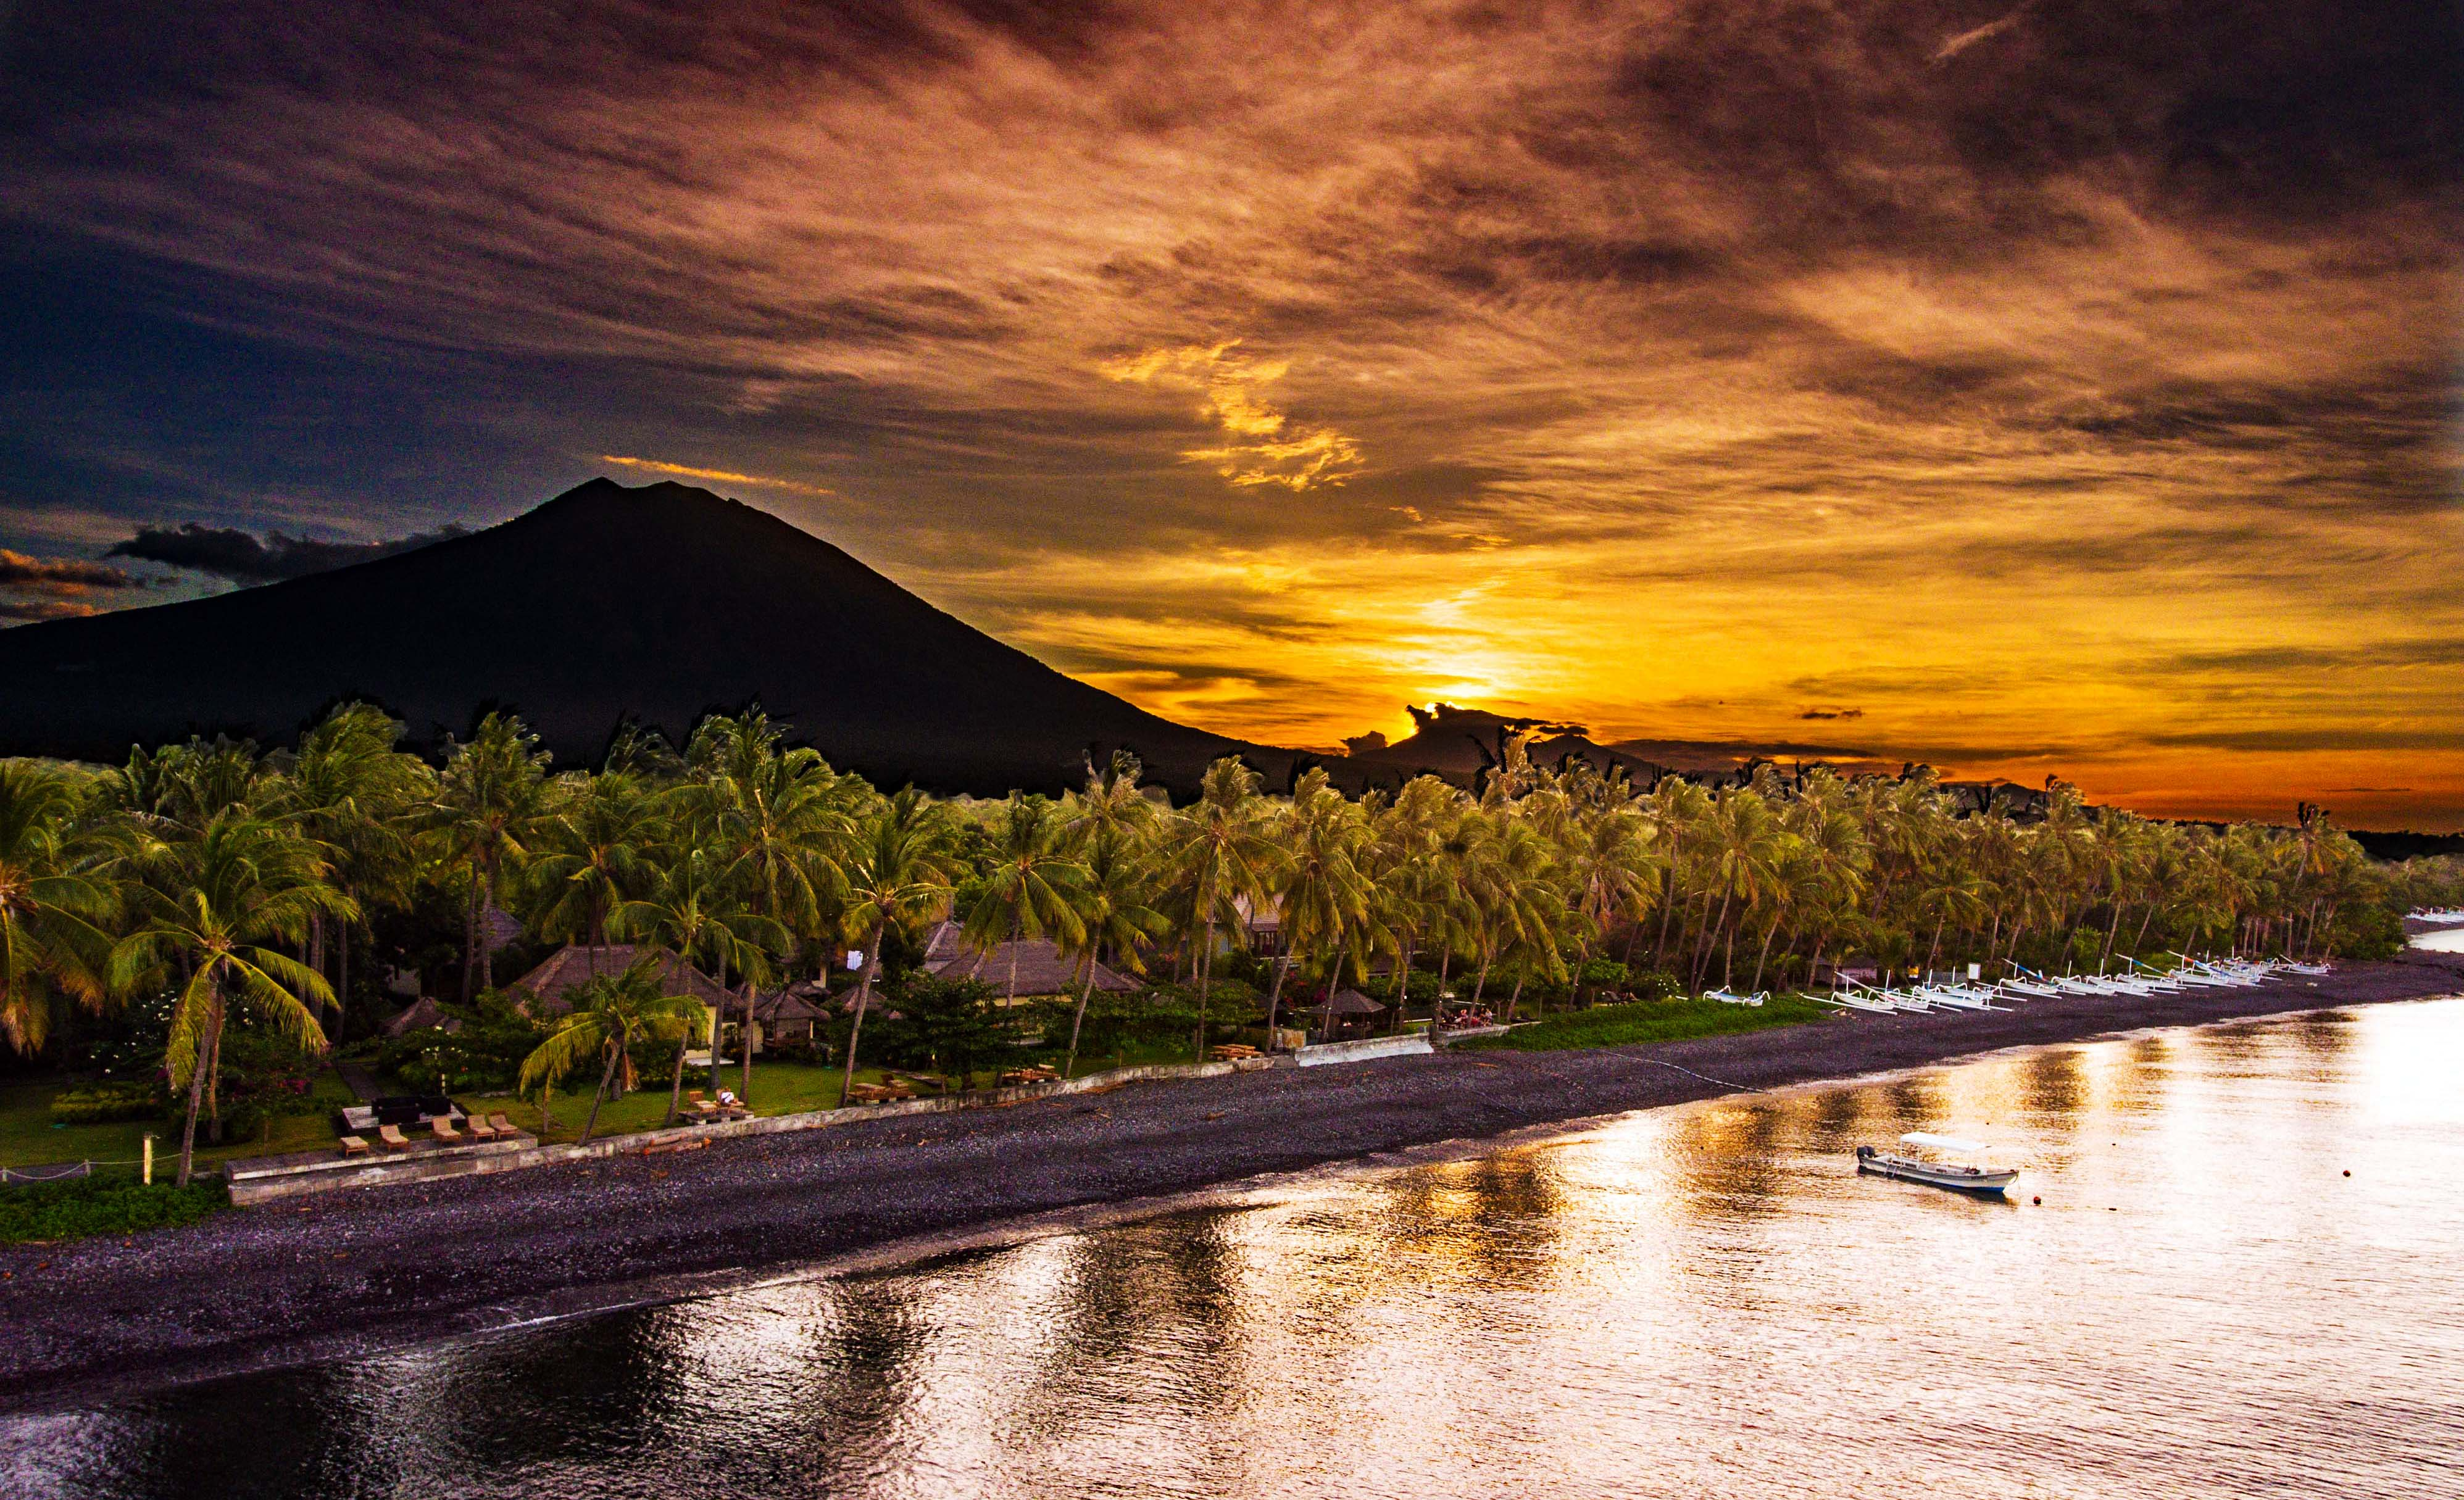 Tulumben, Bali at sunset behind Mount Agung.